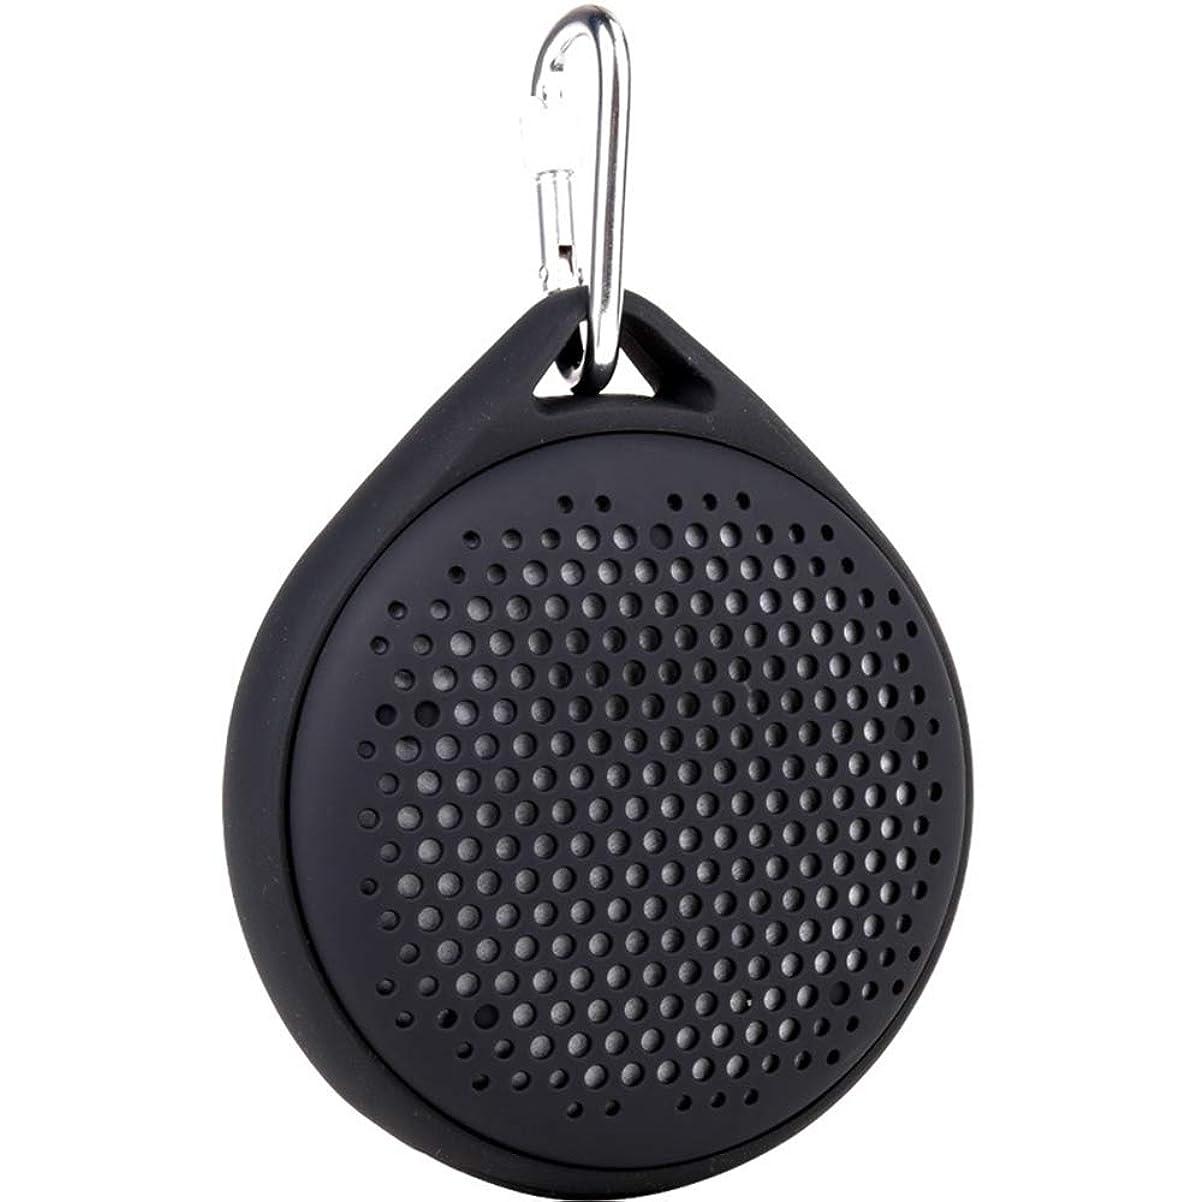 標高パントリー晩ごはんFUNXS ポータブルBluetoothスピーカー - IP67防水Bluetoothスピーカー、強化されたベースと内蔵スピーカー、内蔵マイク、ミニBluetoothスピーカー (色 : Black)